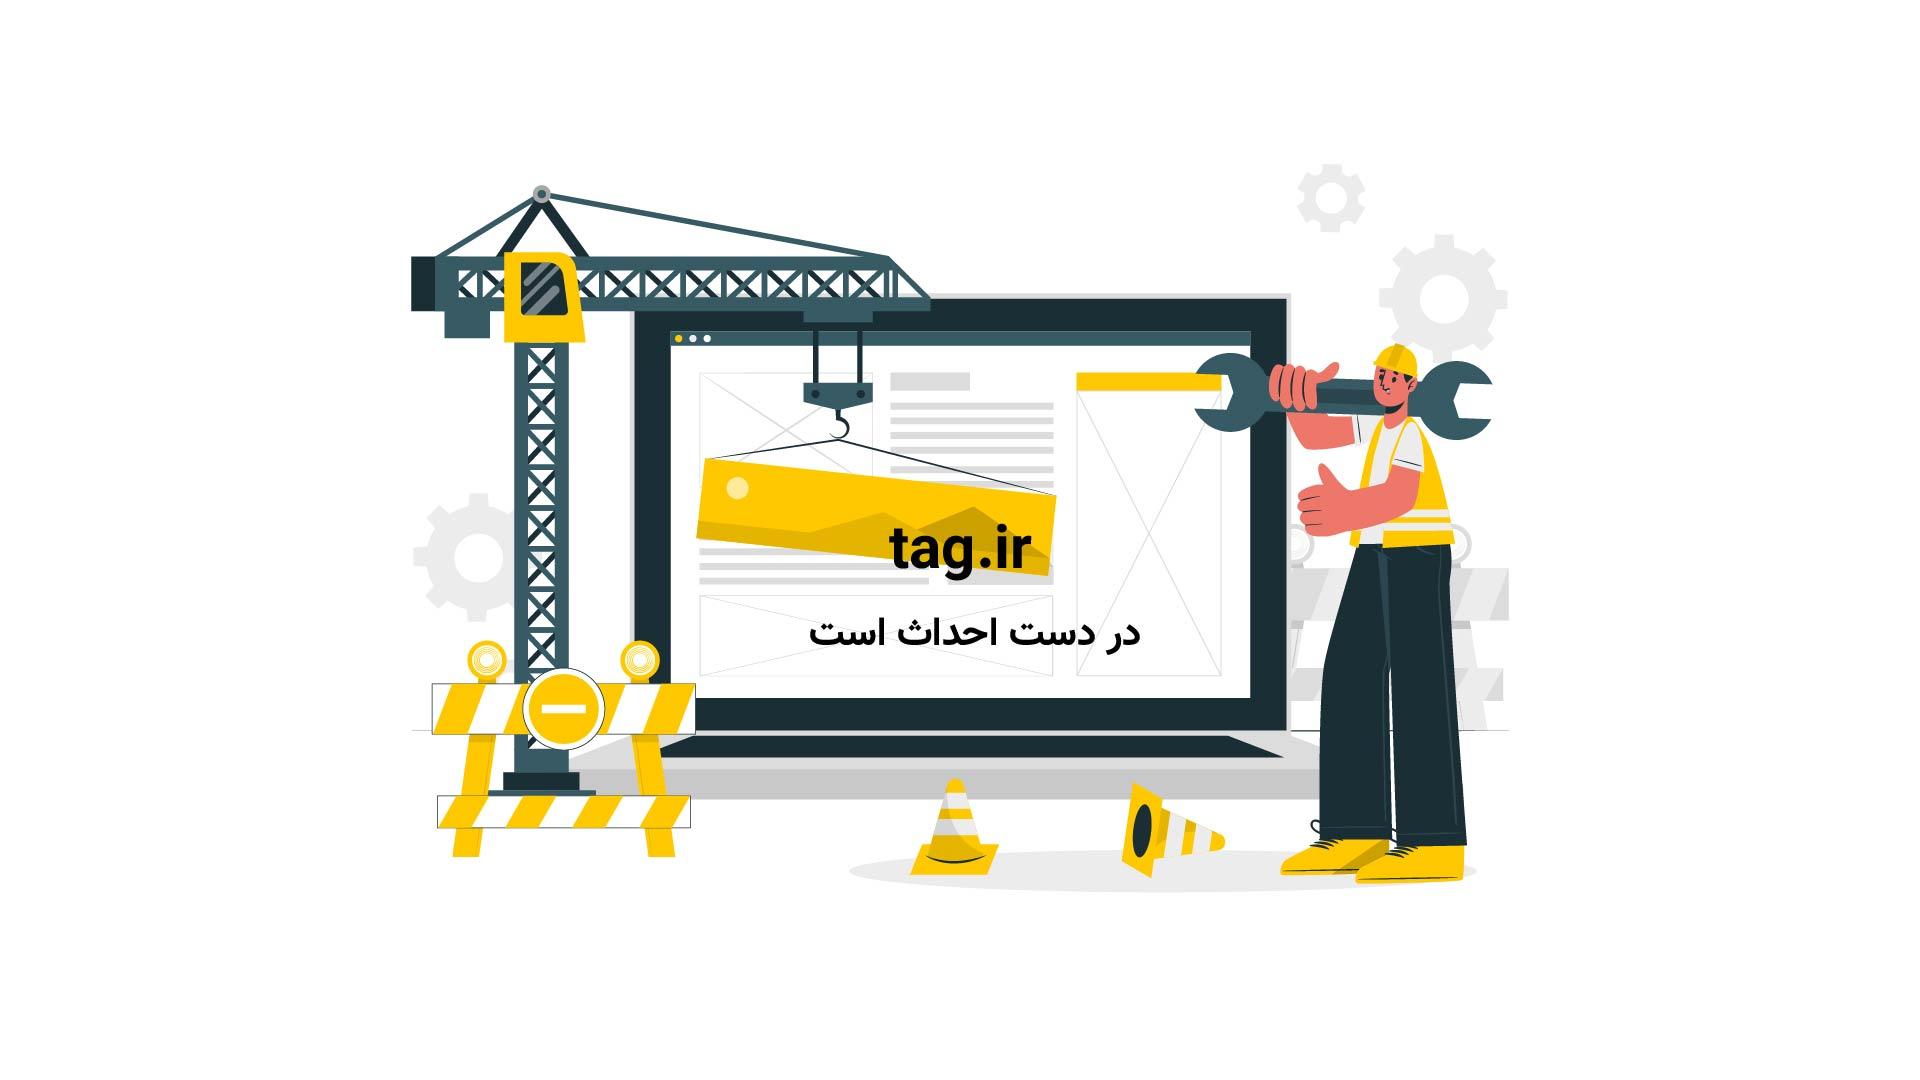 نجات کوهنوردان | تگ